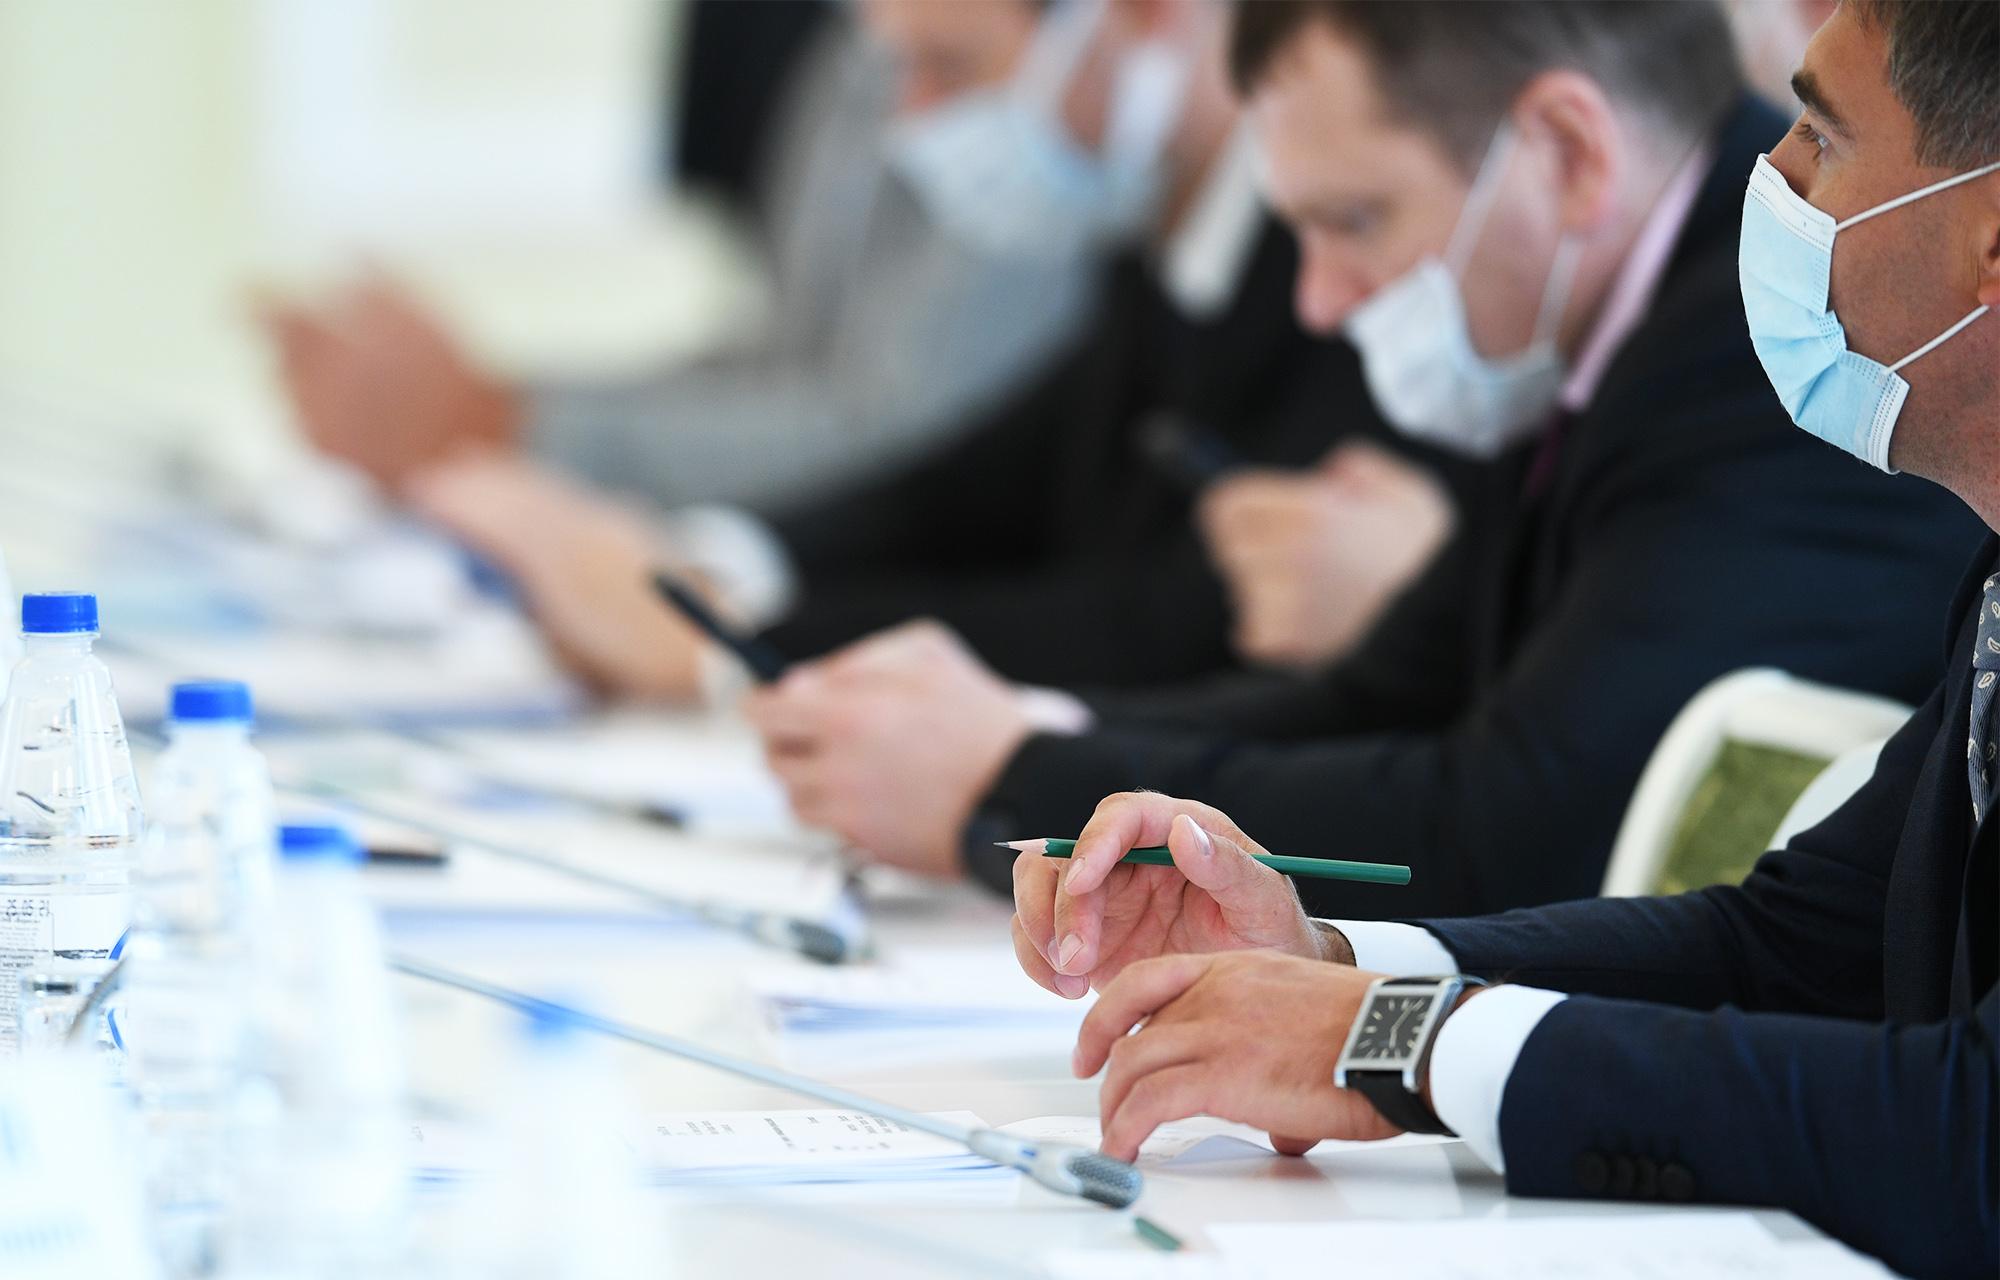 Первыми резидентами «Боровлево-3» станут компании «Фодеско-МАК» и «Герс Технолоджи»